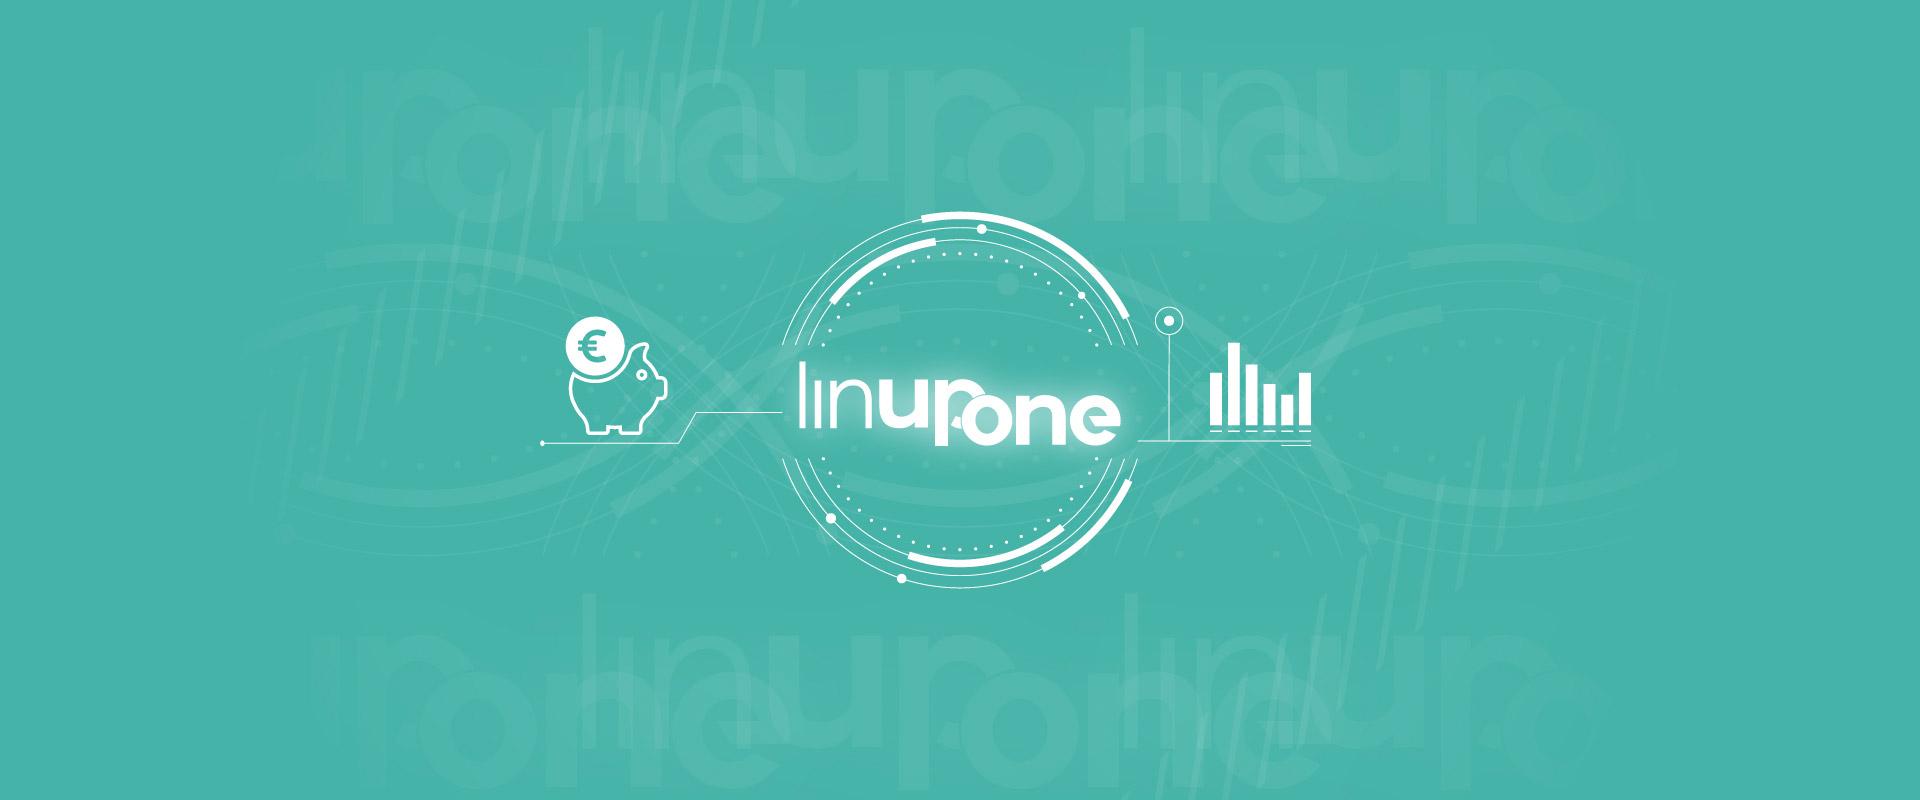 LinUp One Riduce gli scarti nei processi produttivi e ottimizza i flussi logistici, riduce i tempi di formazione personale grazie ad un apprendimento visivo diretto.